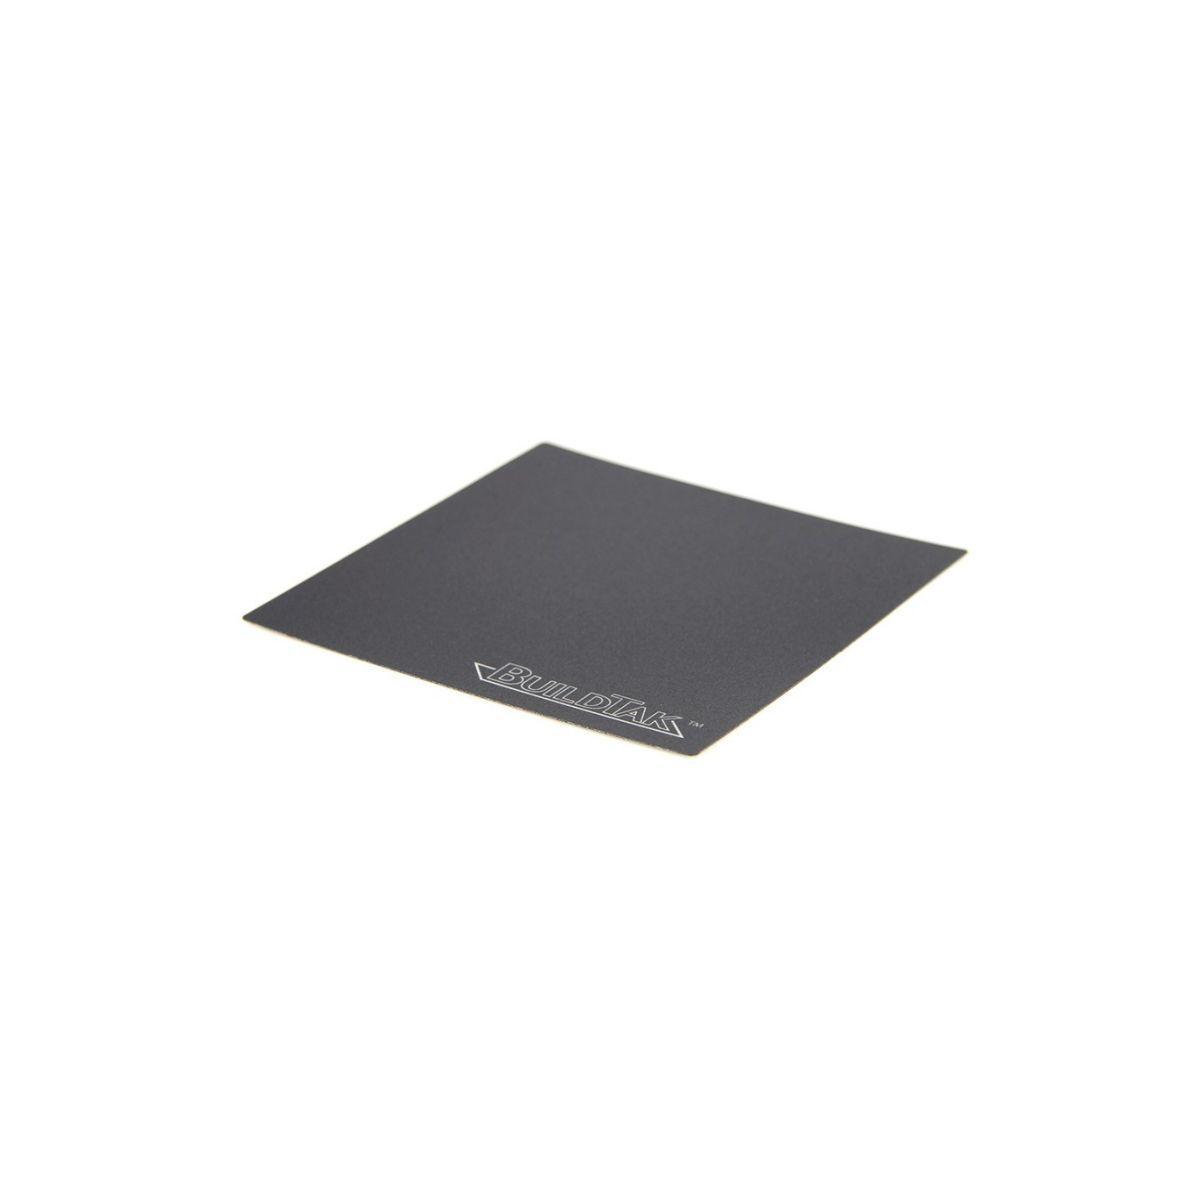 Accessoire imprimante 3d sotec film d'adh?rence buildtak ...